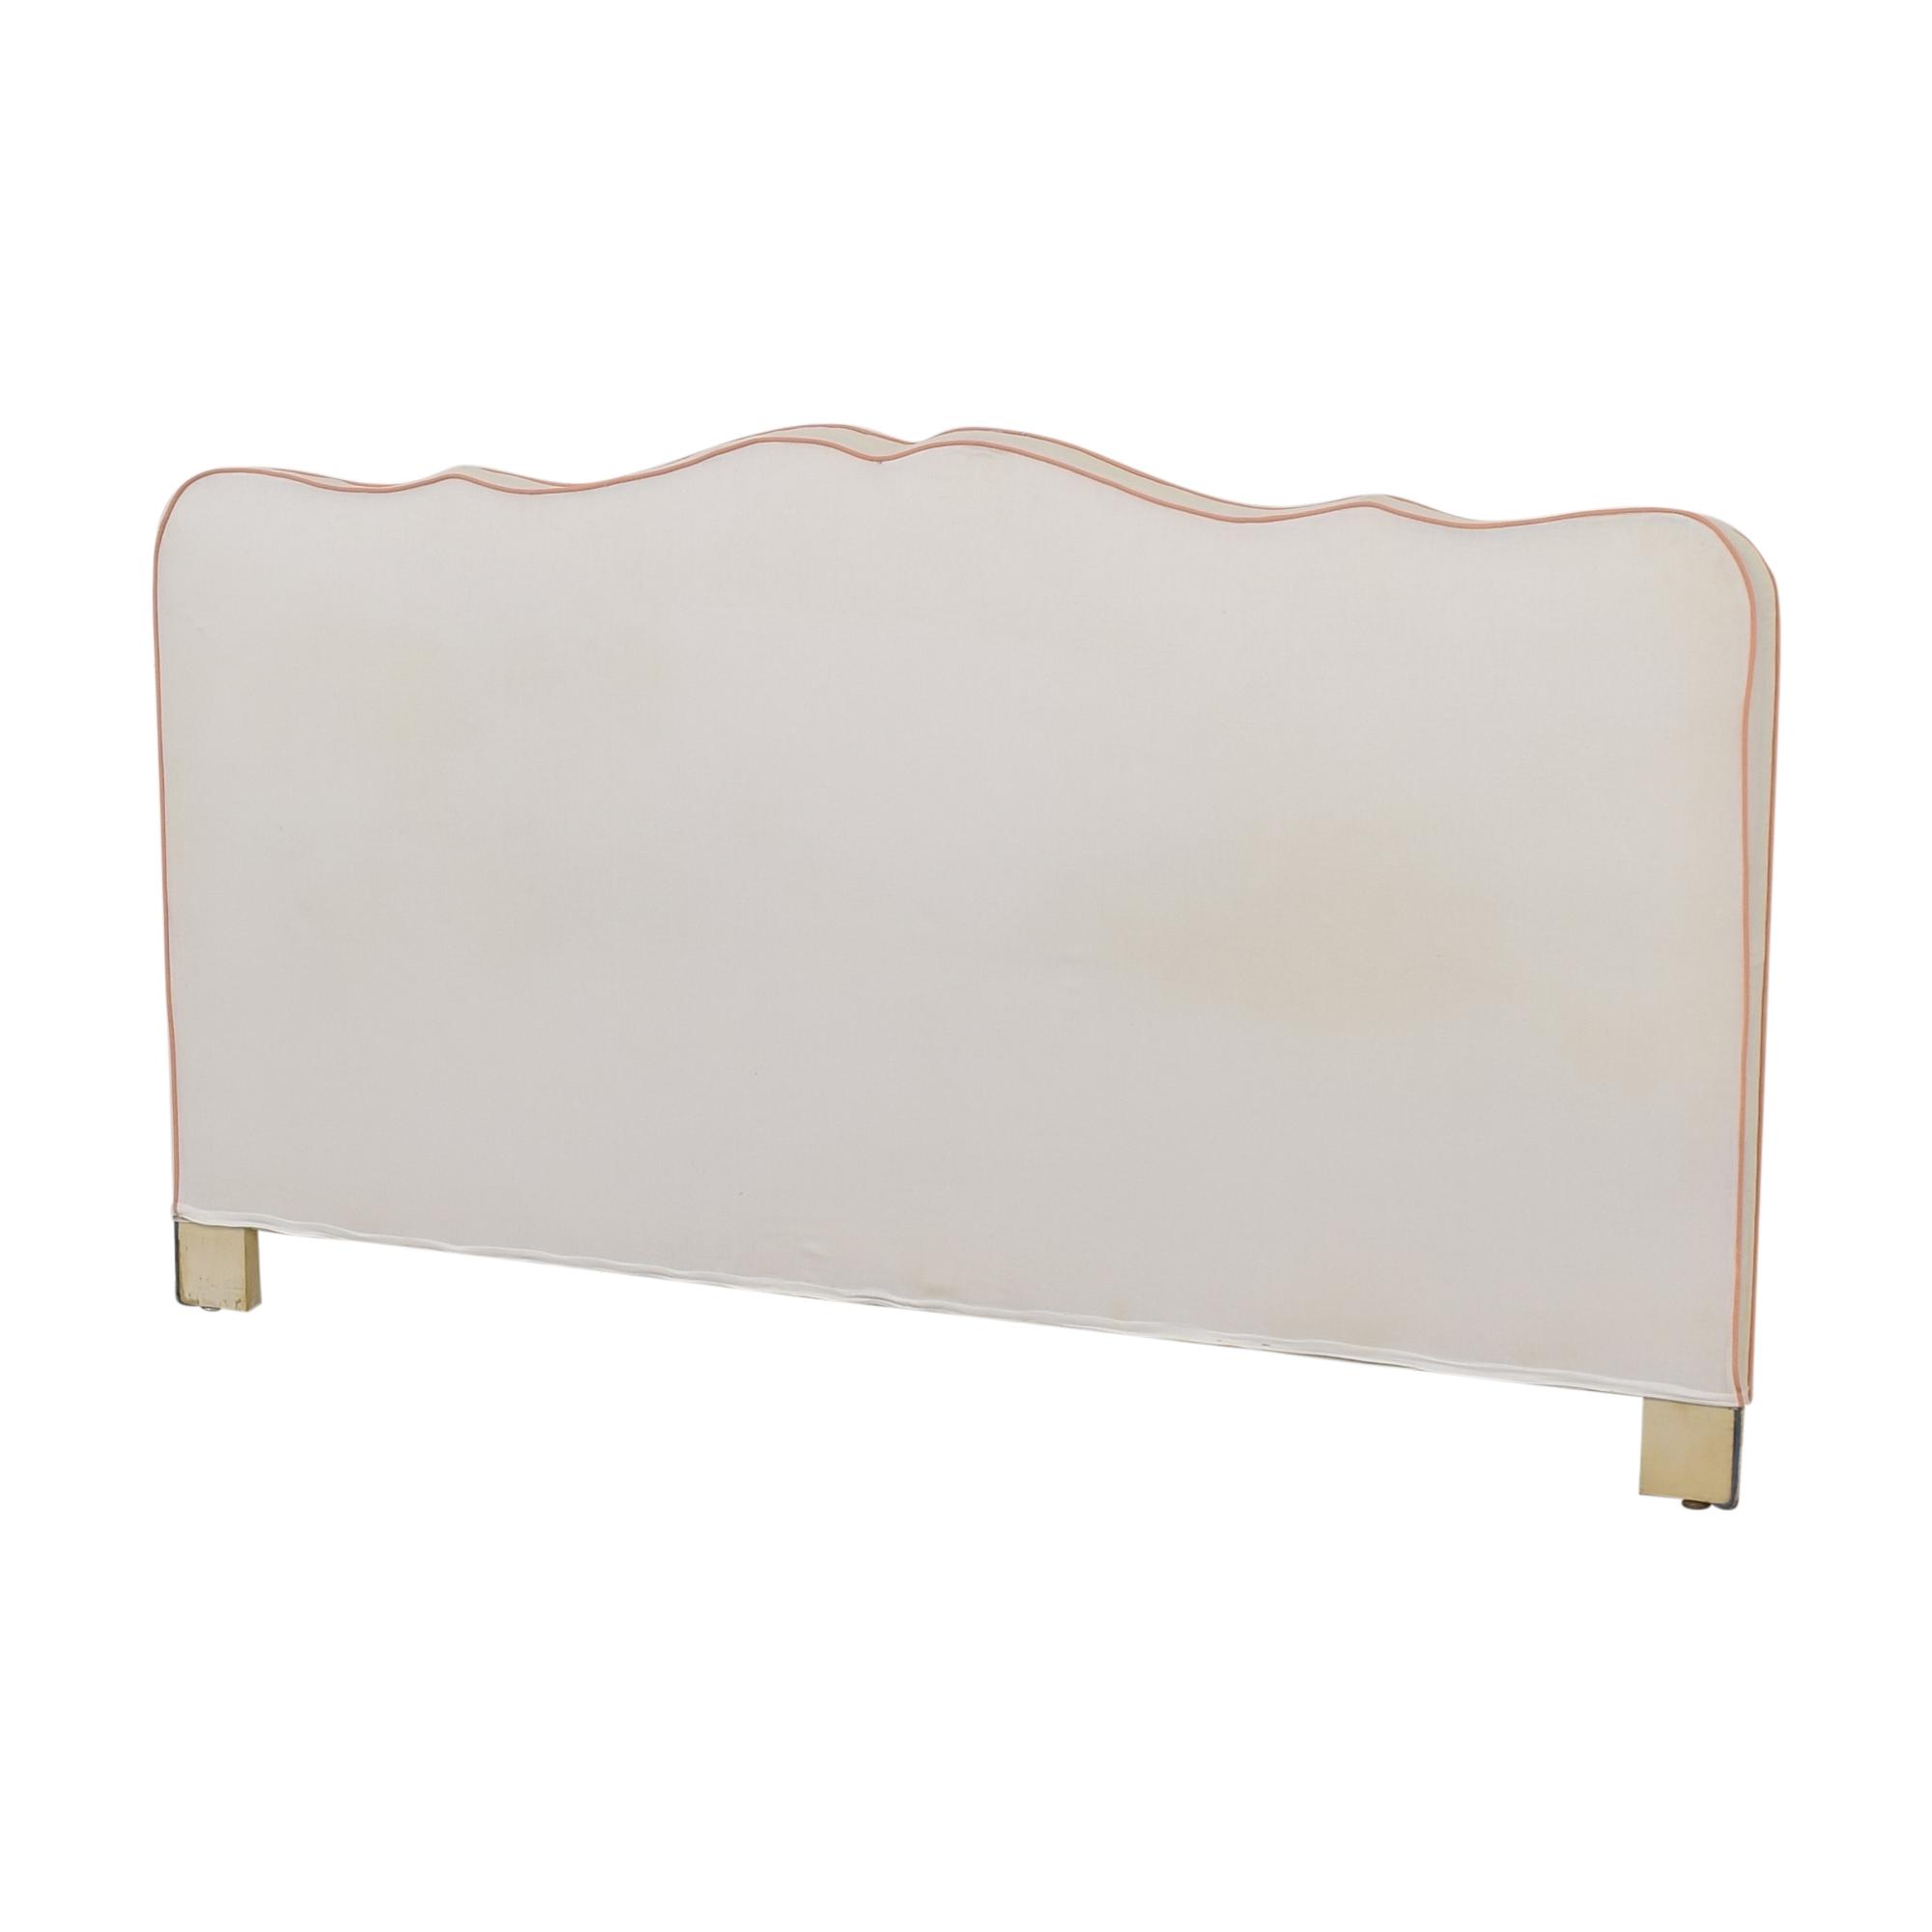 Upholstered Headboard used